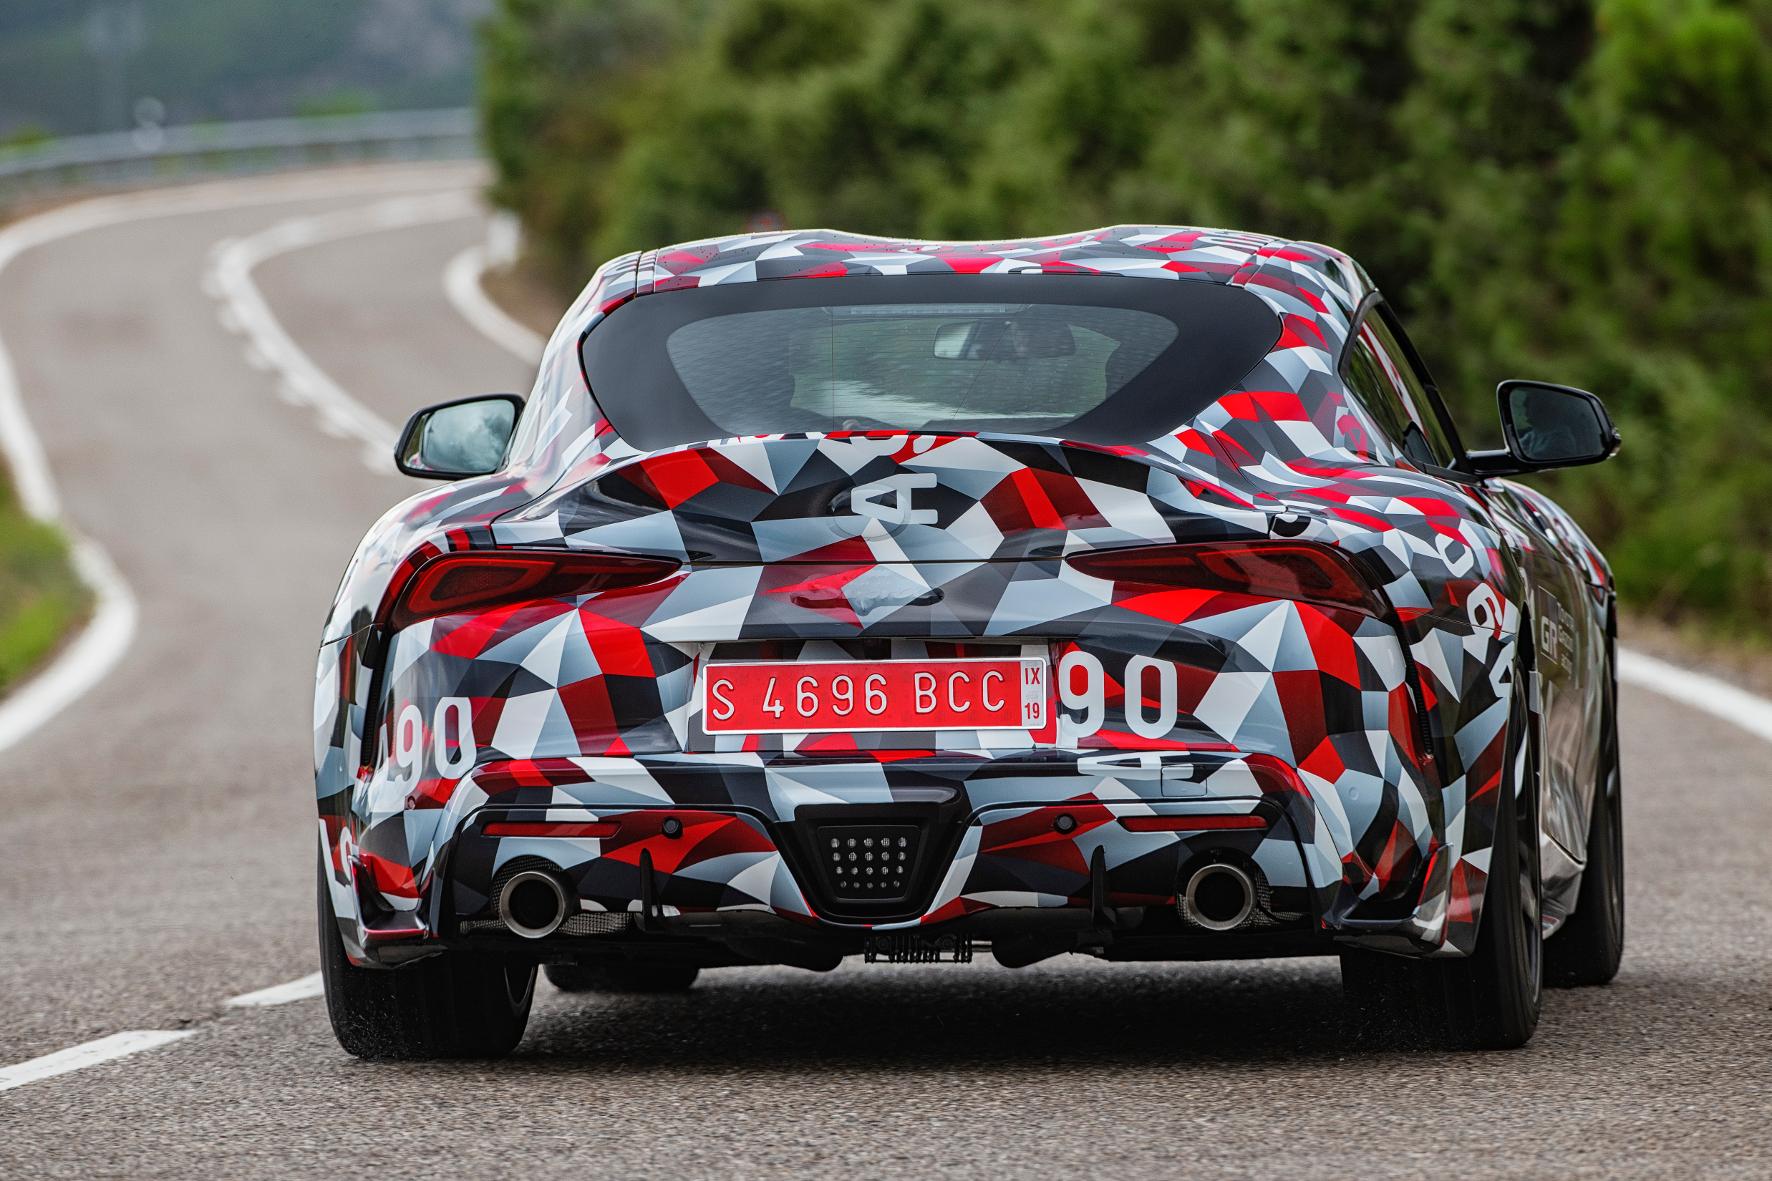 Der Tarnanzug des Supra hat die Farben Schwarz Rot und Weiß - die Motorsport-Tochter Toyota GAZOO Racing lässt grüßen.